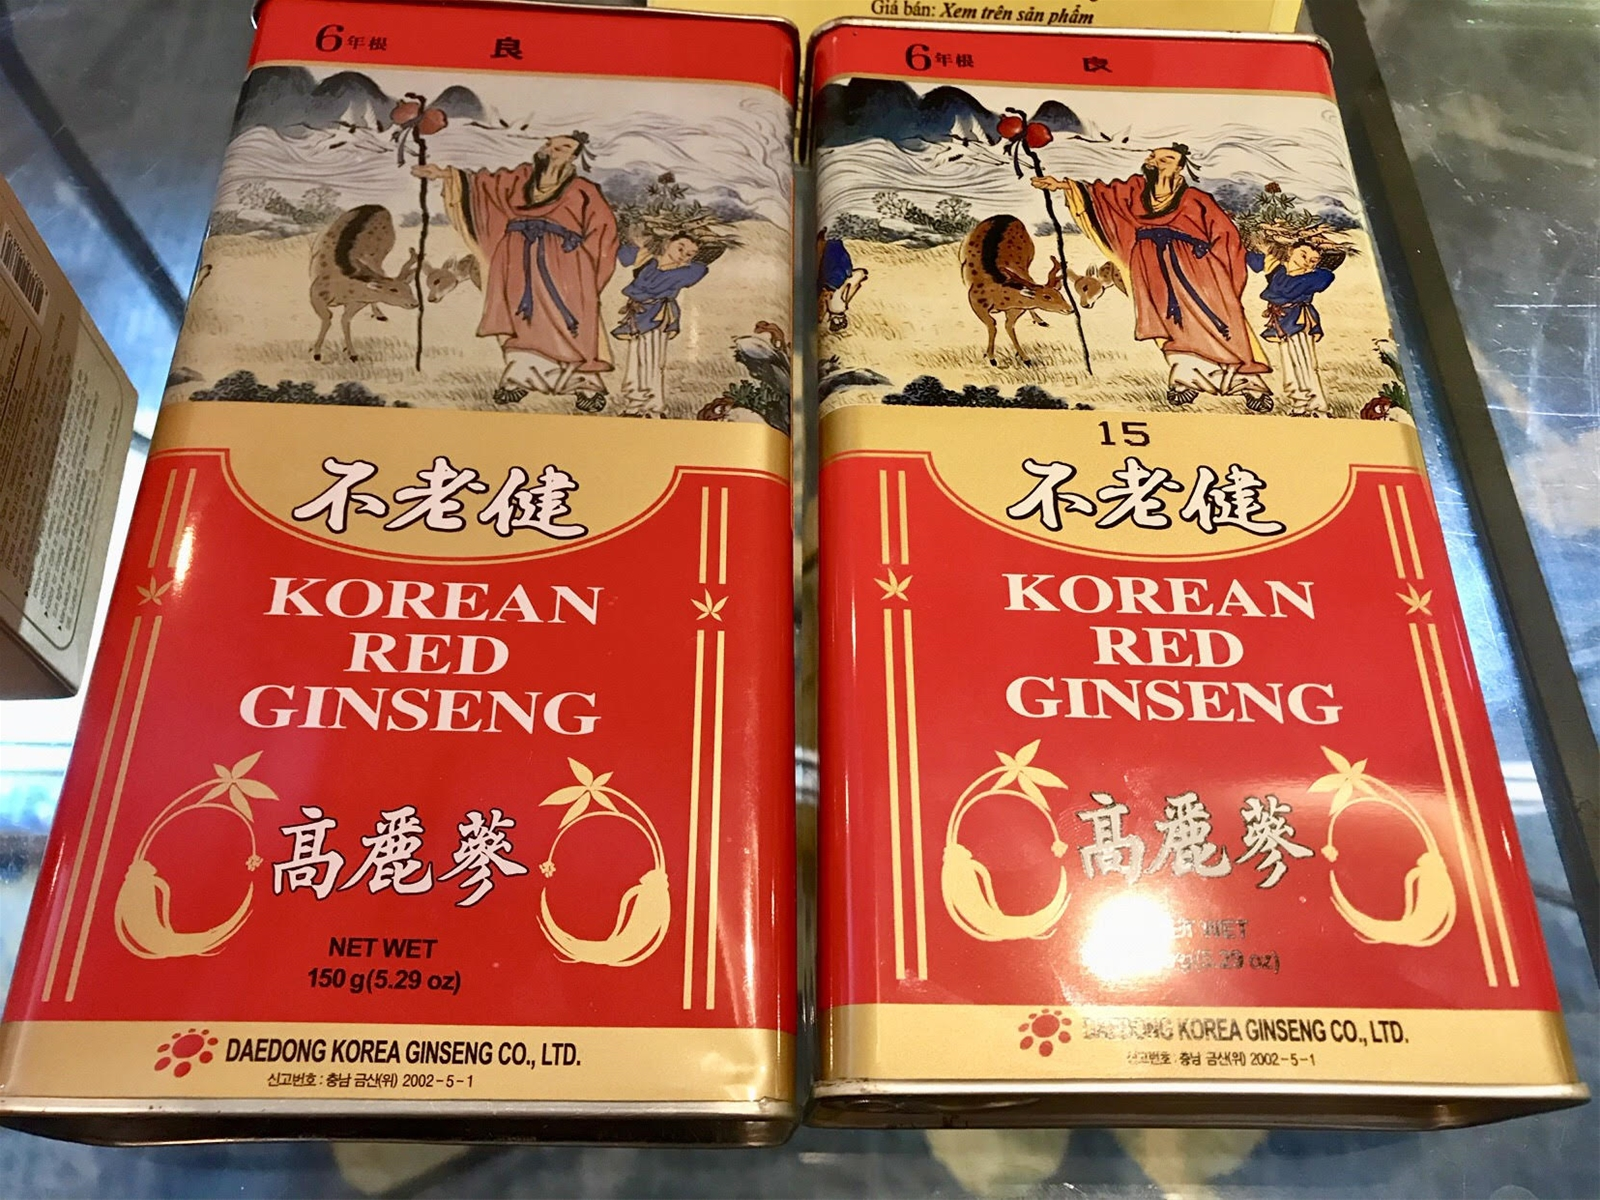 Bát nháo thị trường hồng sâm Hàn Quốc và cách phân biệt hàng thật, hàng giả